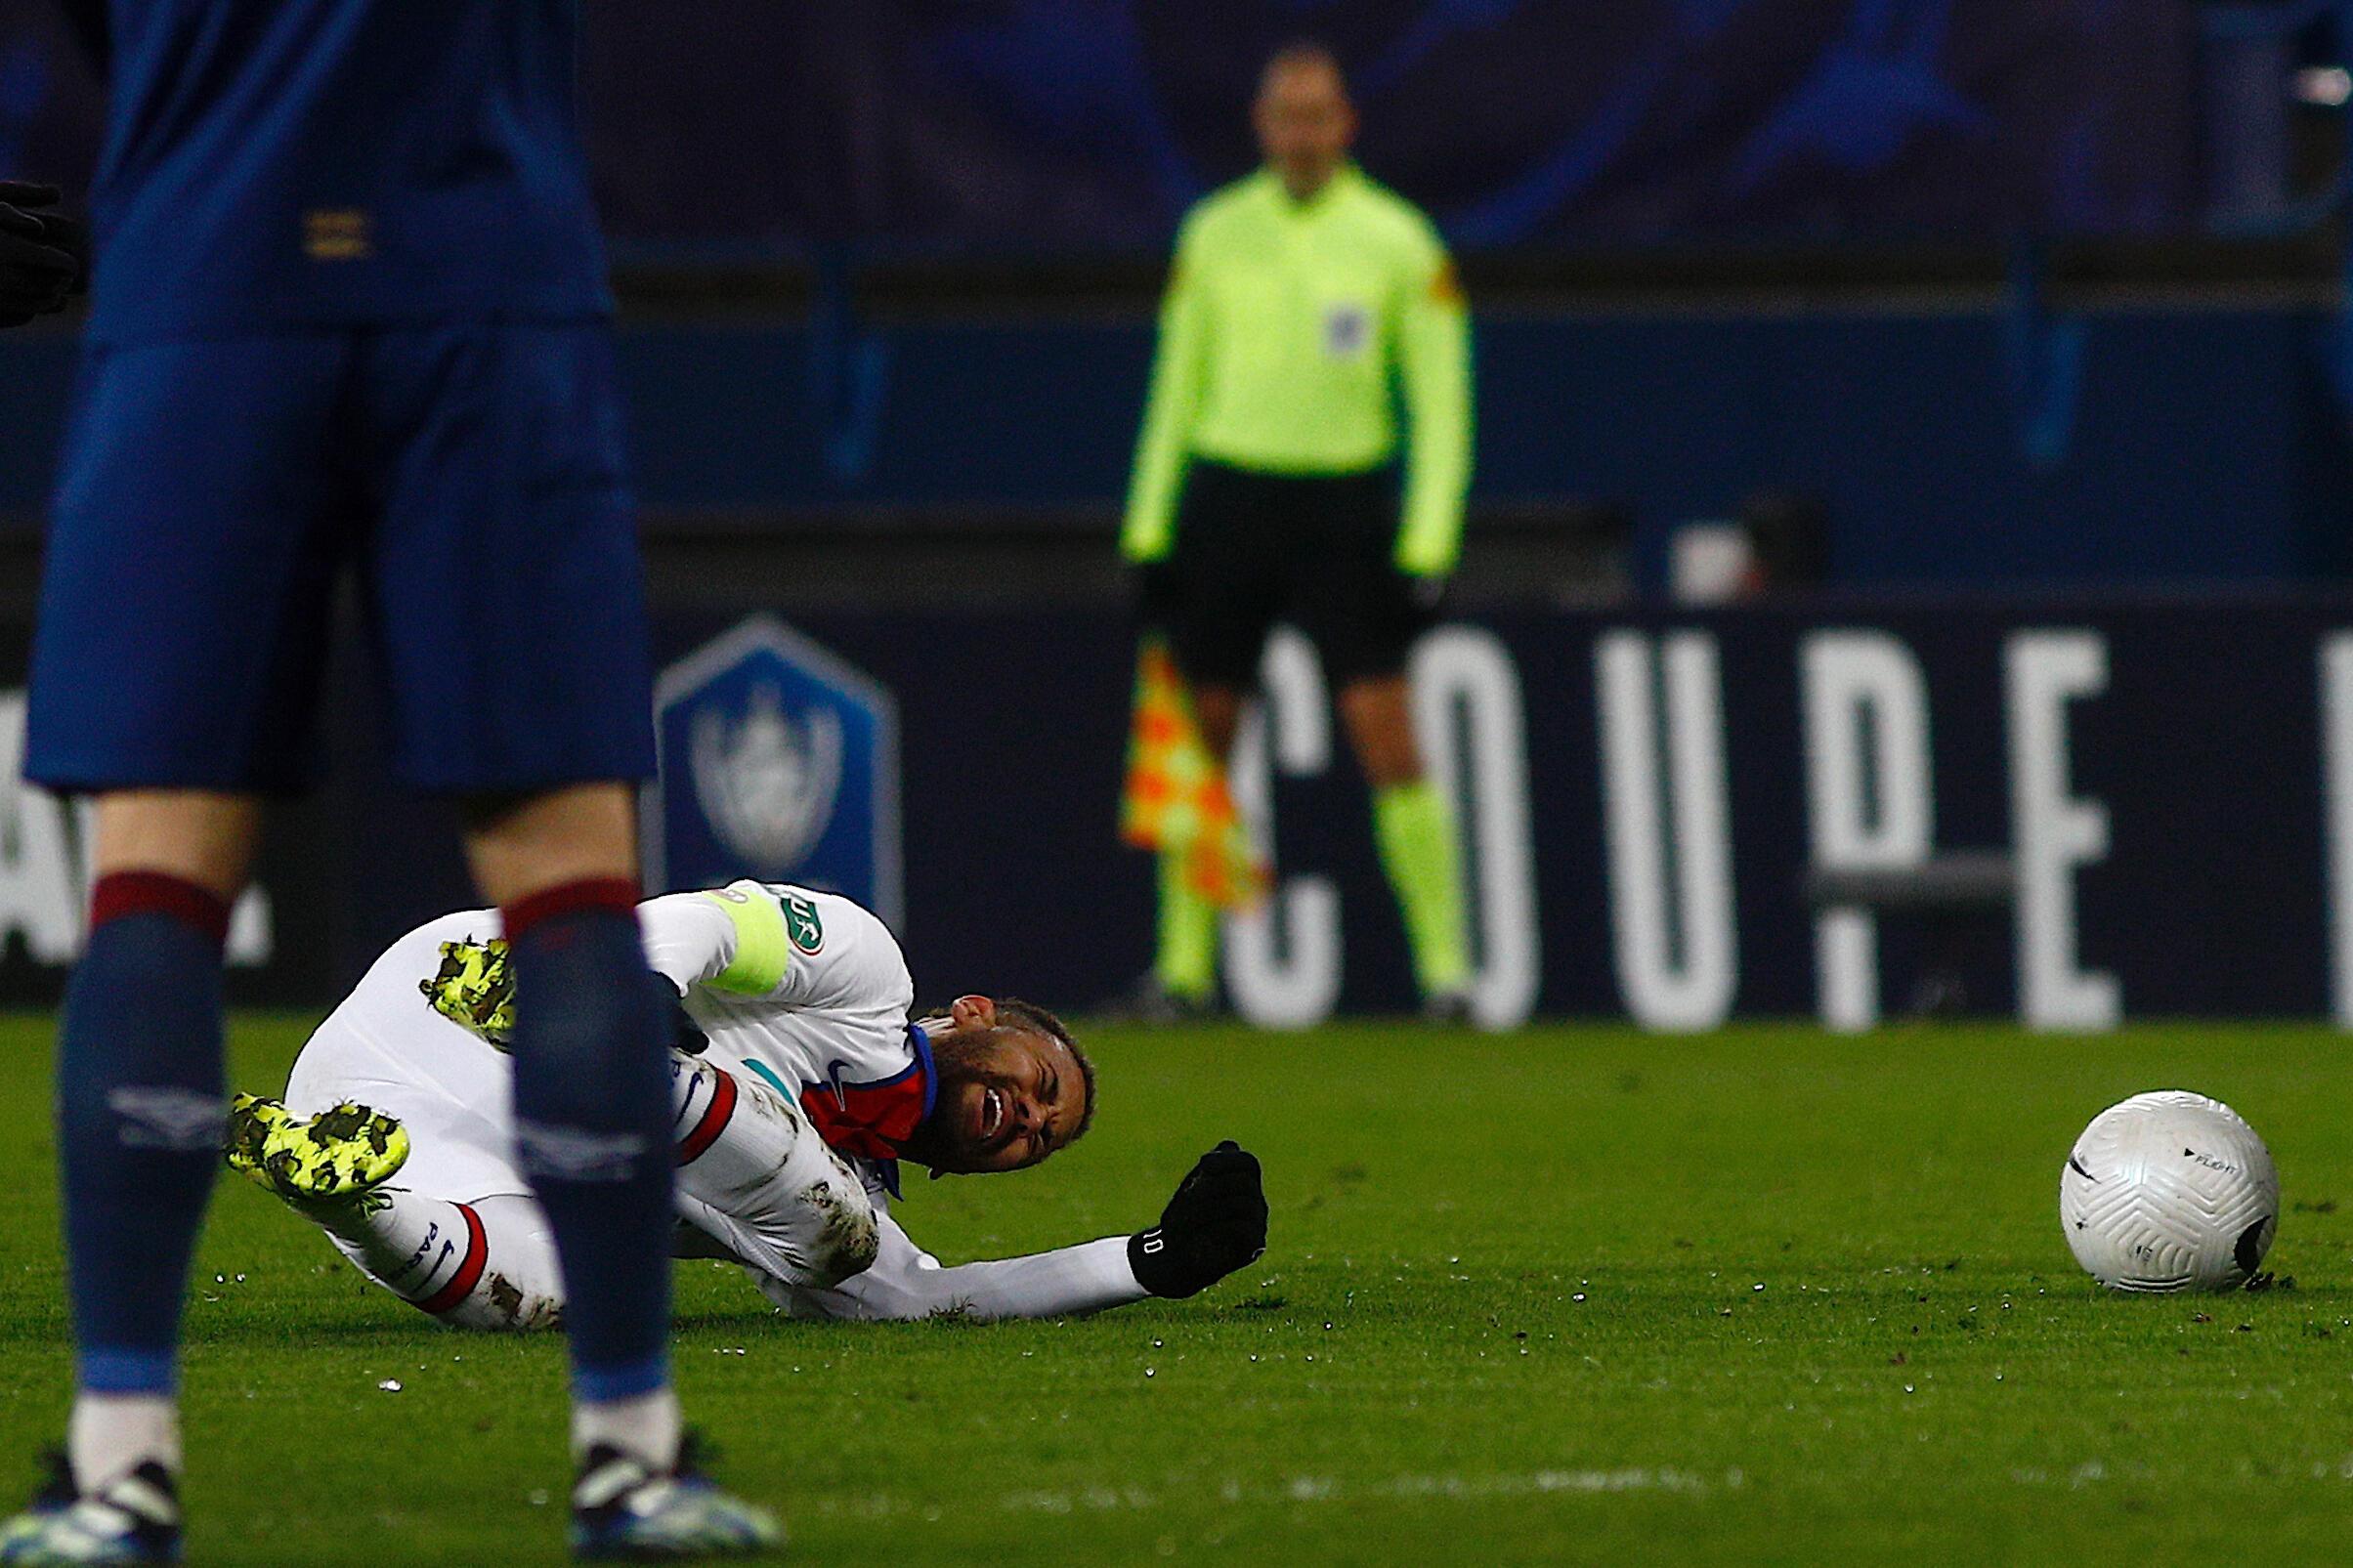 L'attaquant brésilien du Paris SG Neymar au cours du match de Coupe de France contre Caen, le 10 février 2021 au stade Michel-d'Ornano